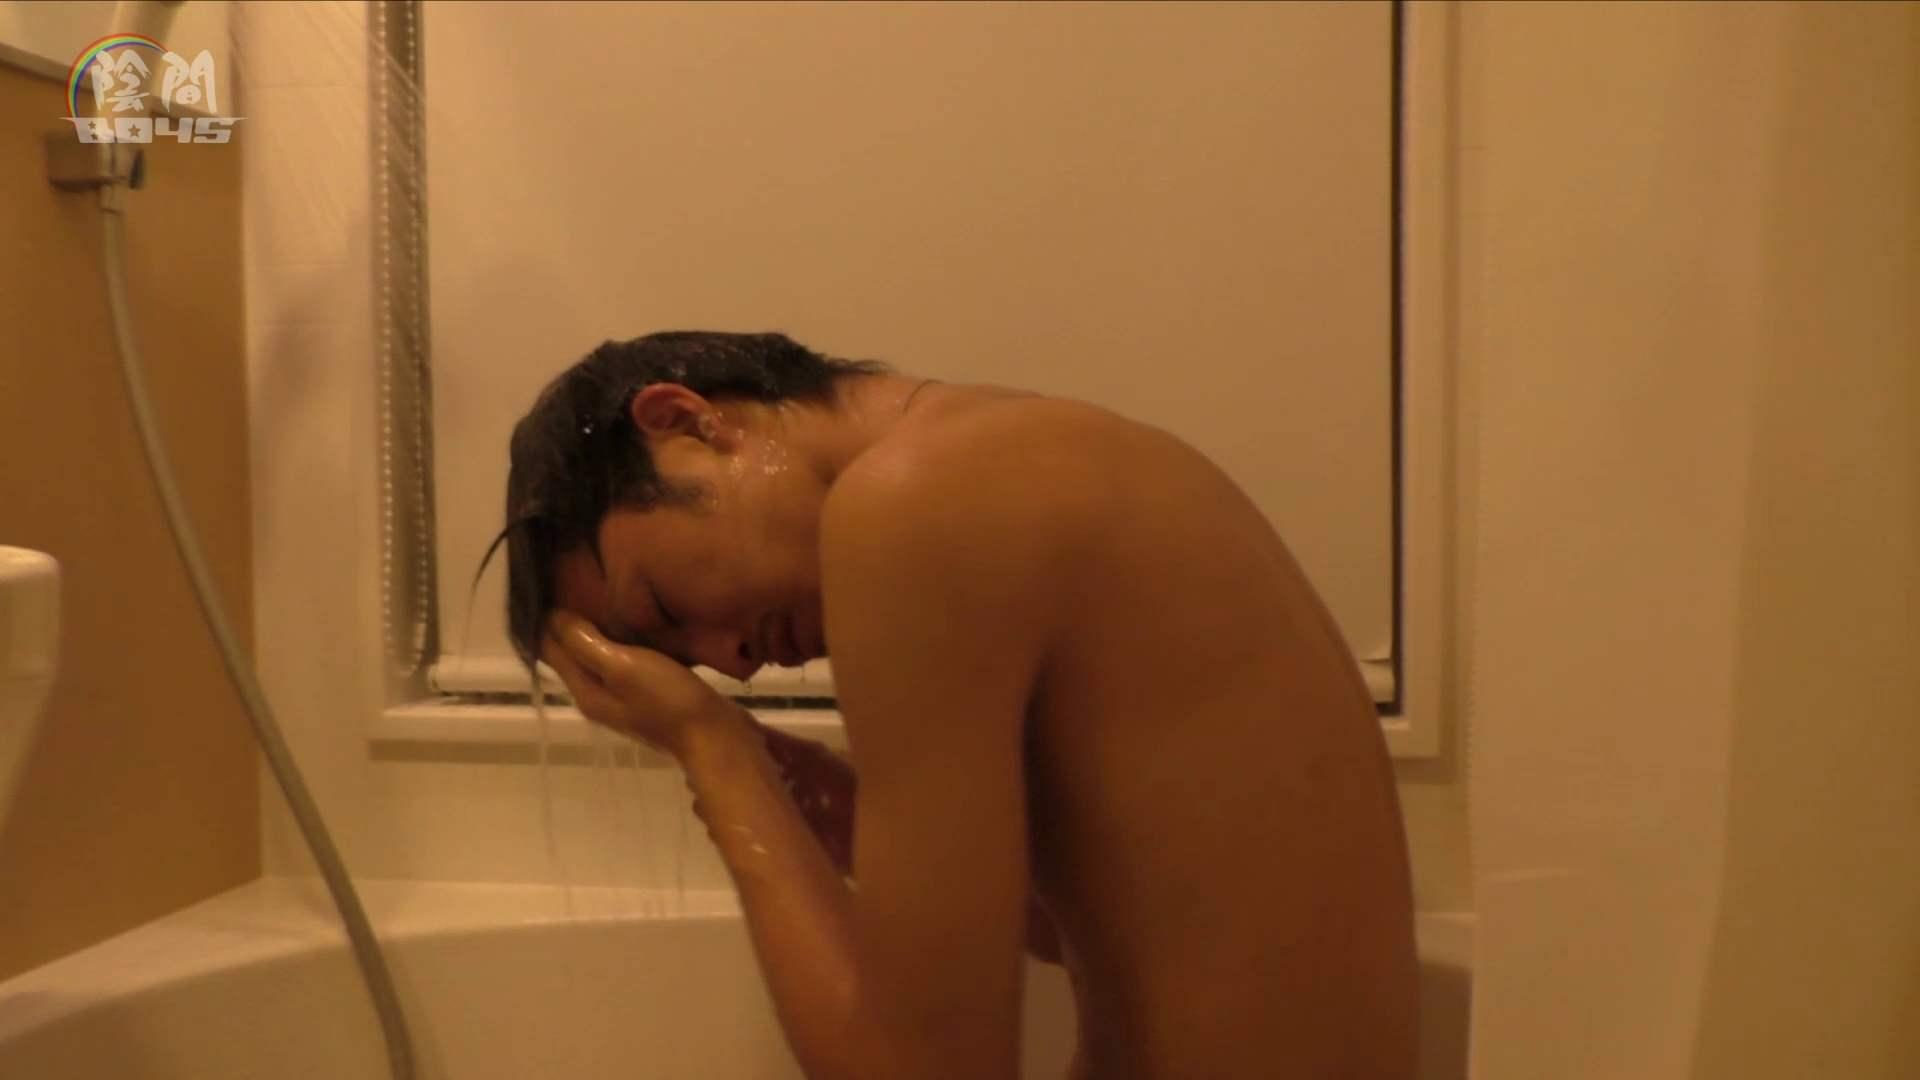 陰間BOYS~「アナルだけは許して…3」~02 手コキ ゲイヌード画像 72pic 2